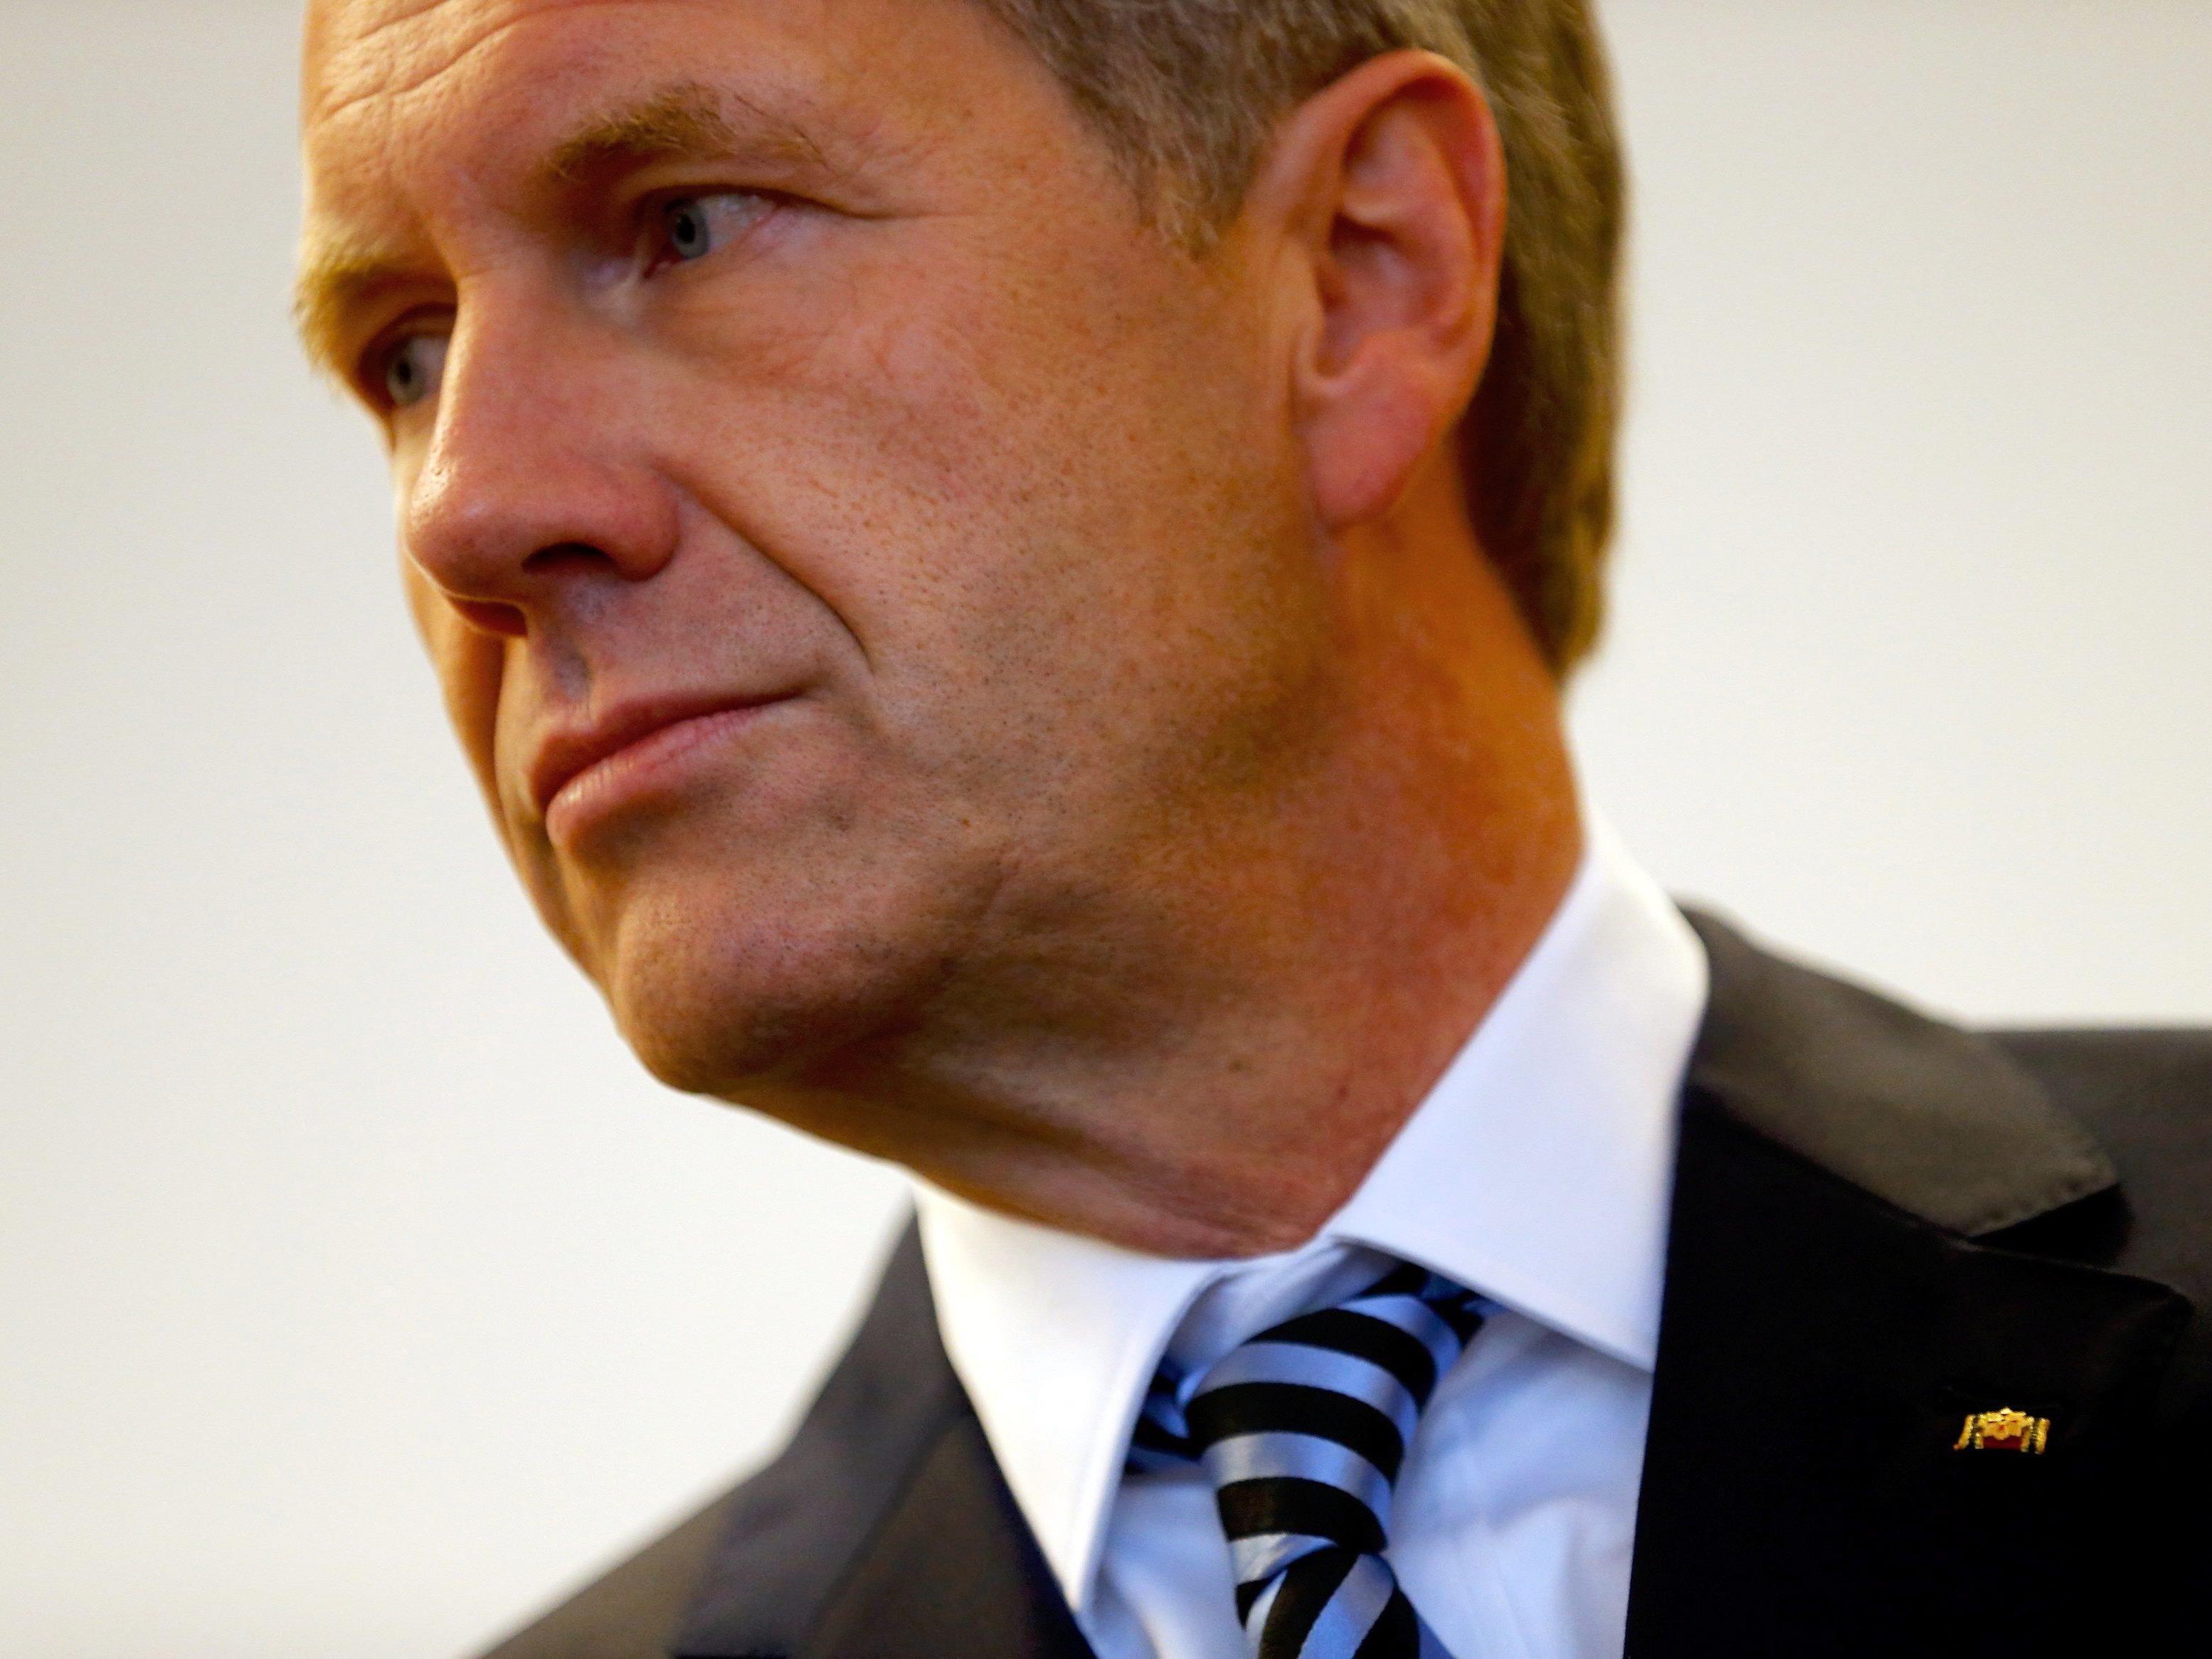 Münchner Hotelmitarbeiter hatte keinen Kontakt zu Wulff während umstrittenem Oktoberfest-Besuch.